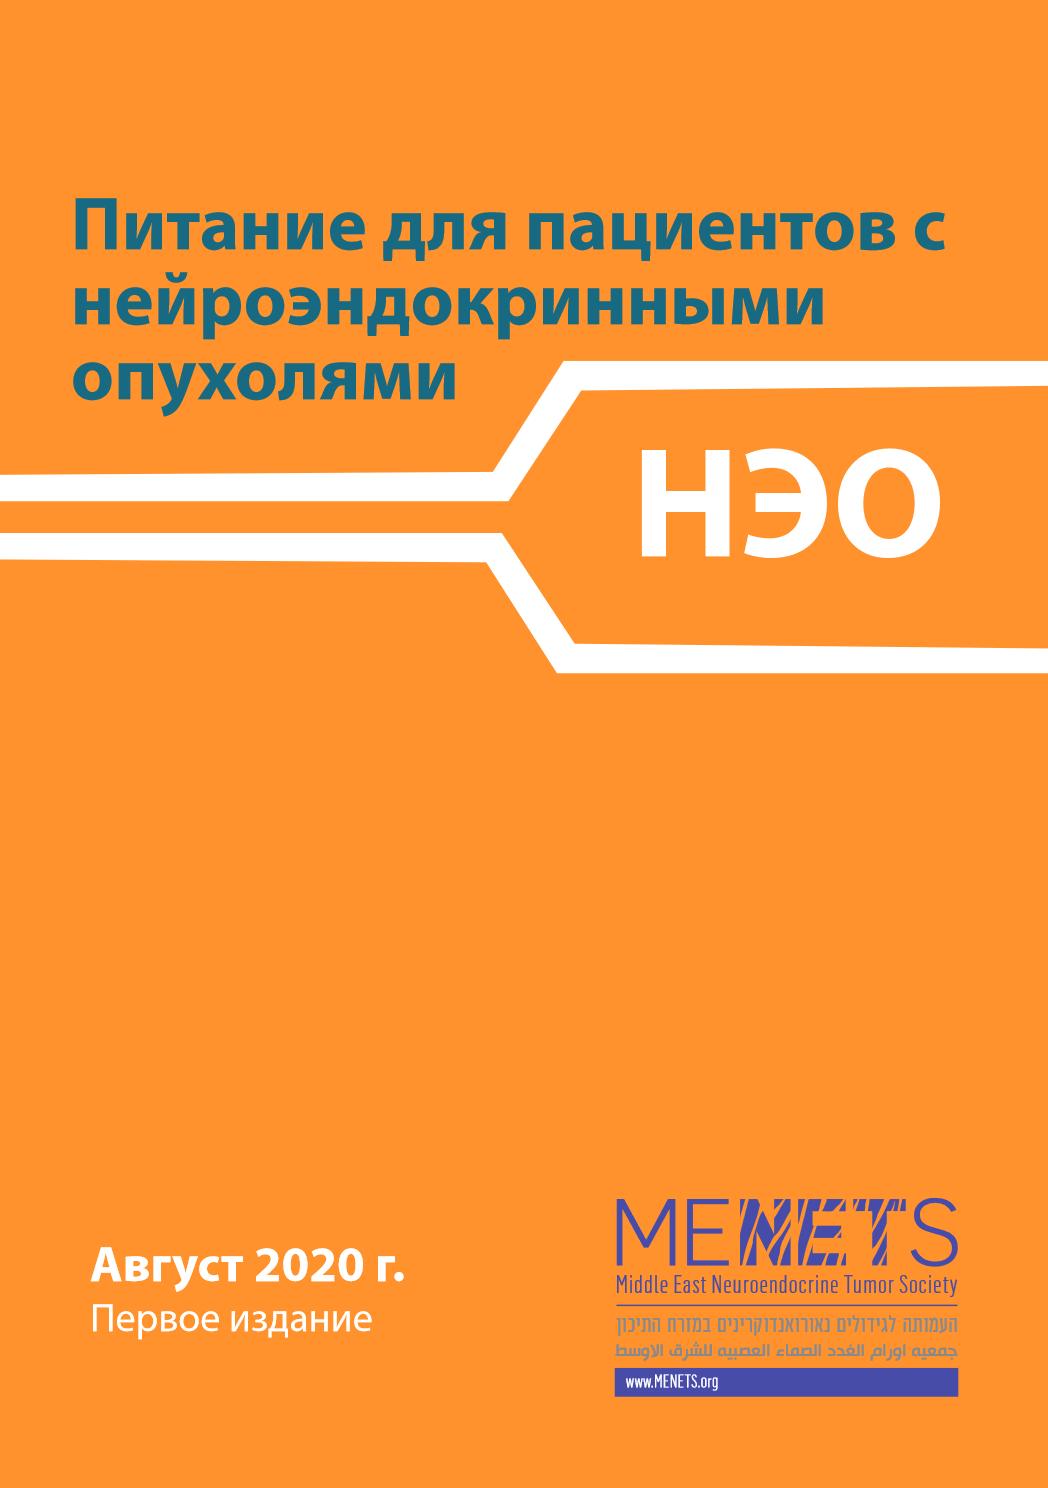 MENETS: Русская версия NET DIET BOOK только что была опубликована